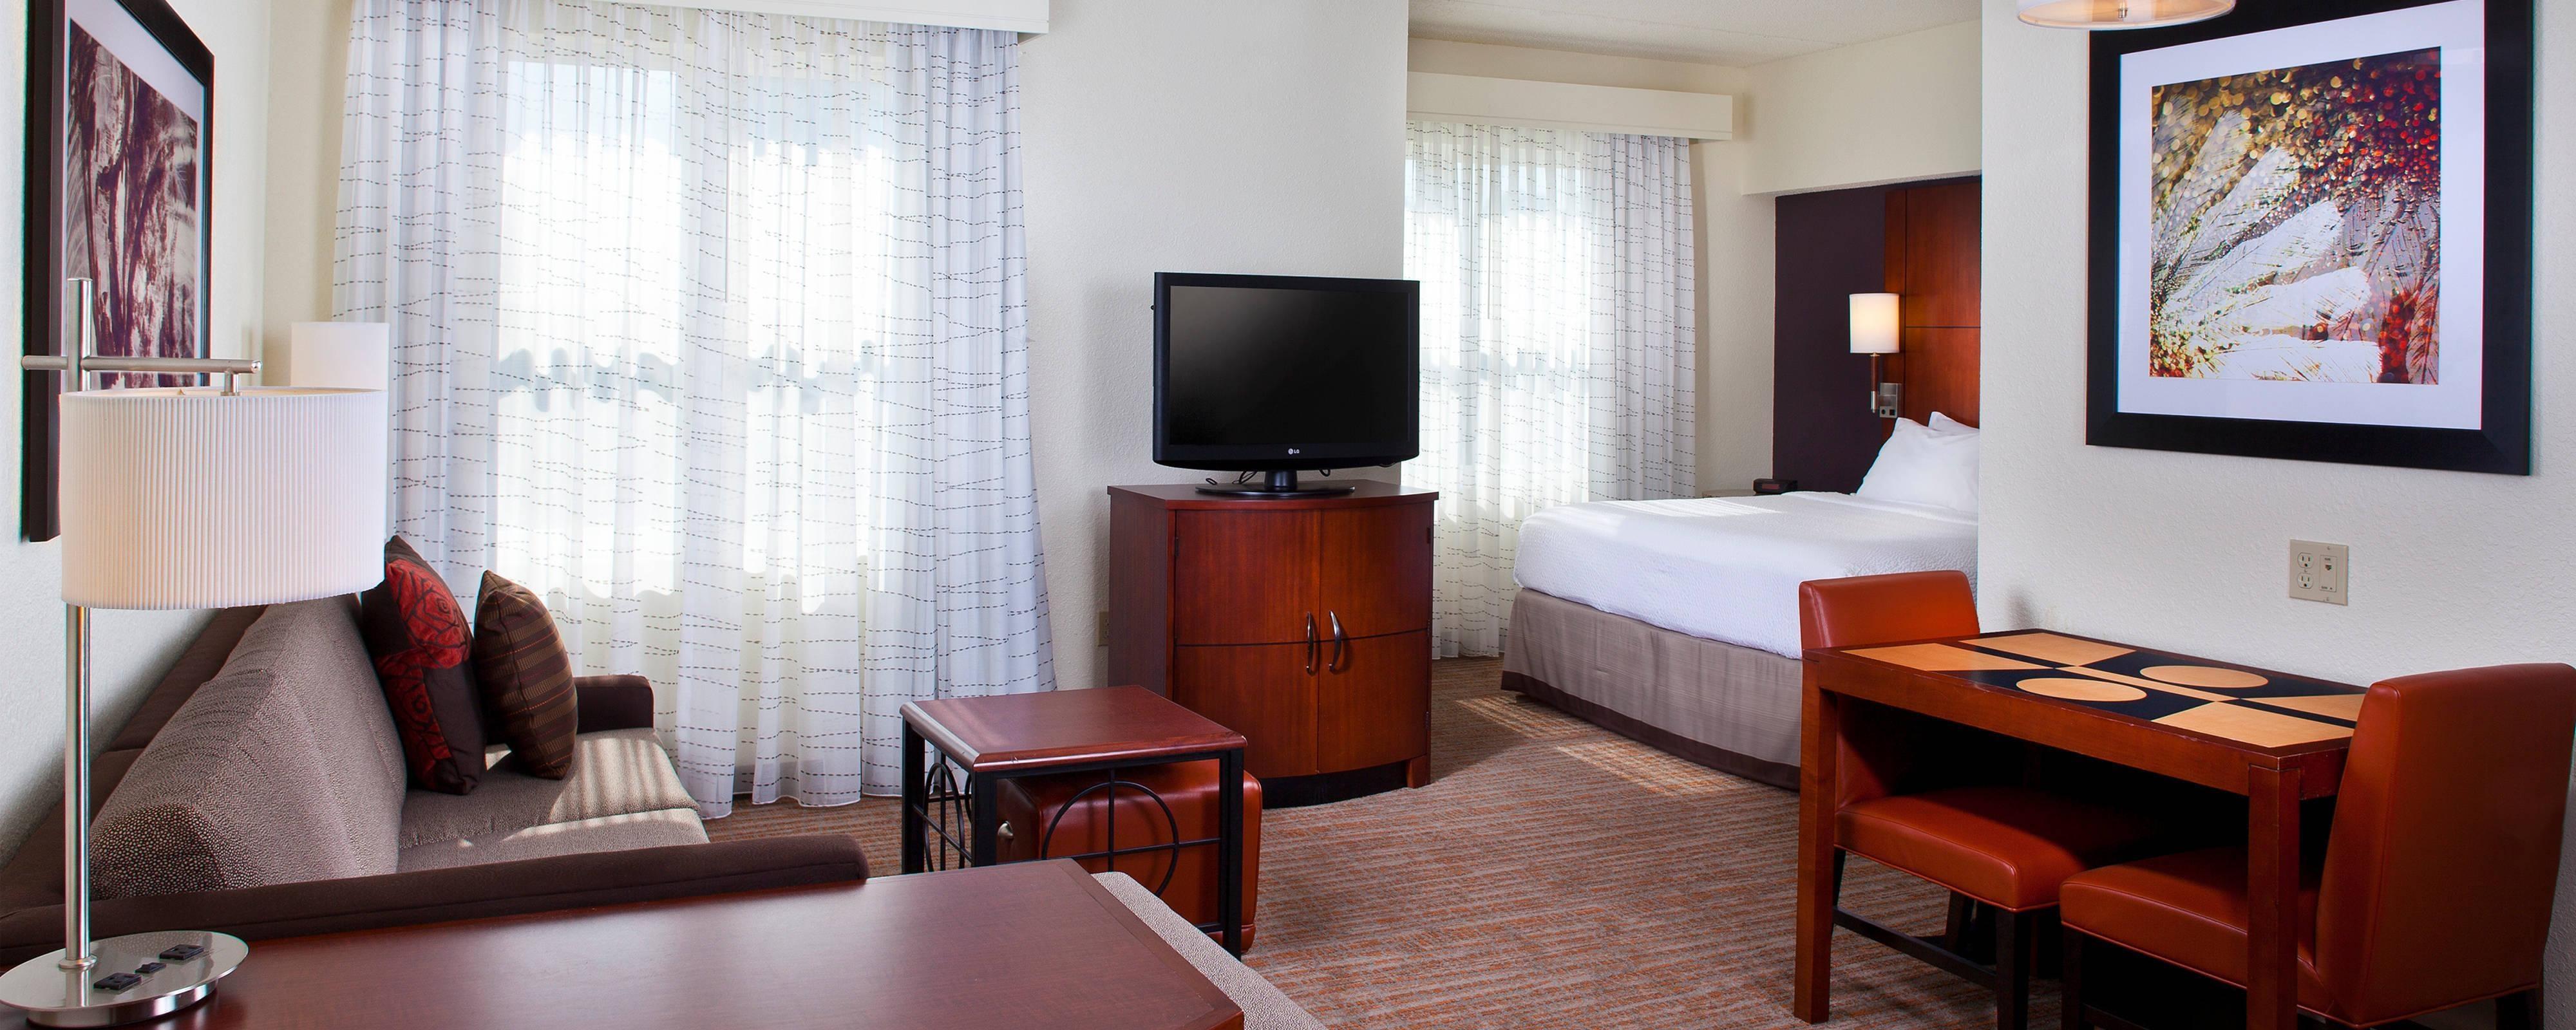 タラハシーのダウンタウンのホテルのスイート